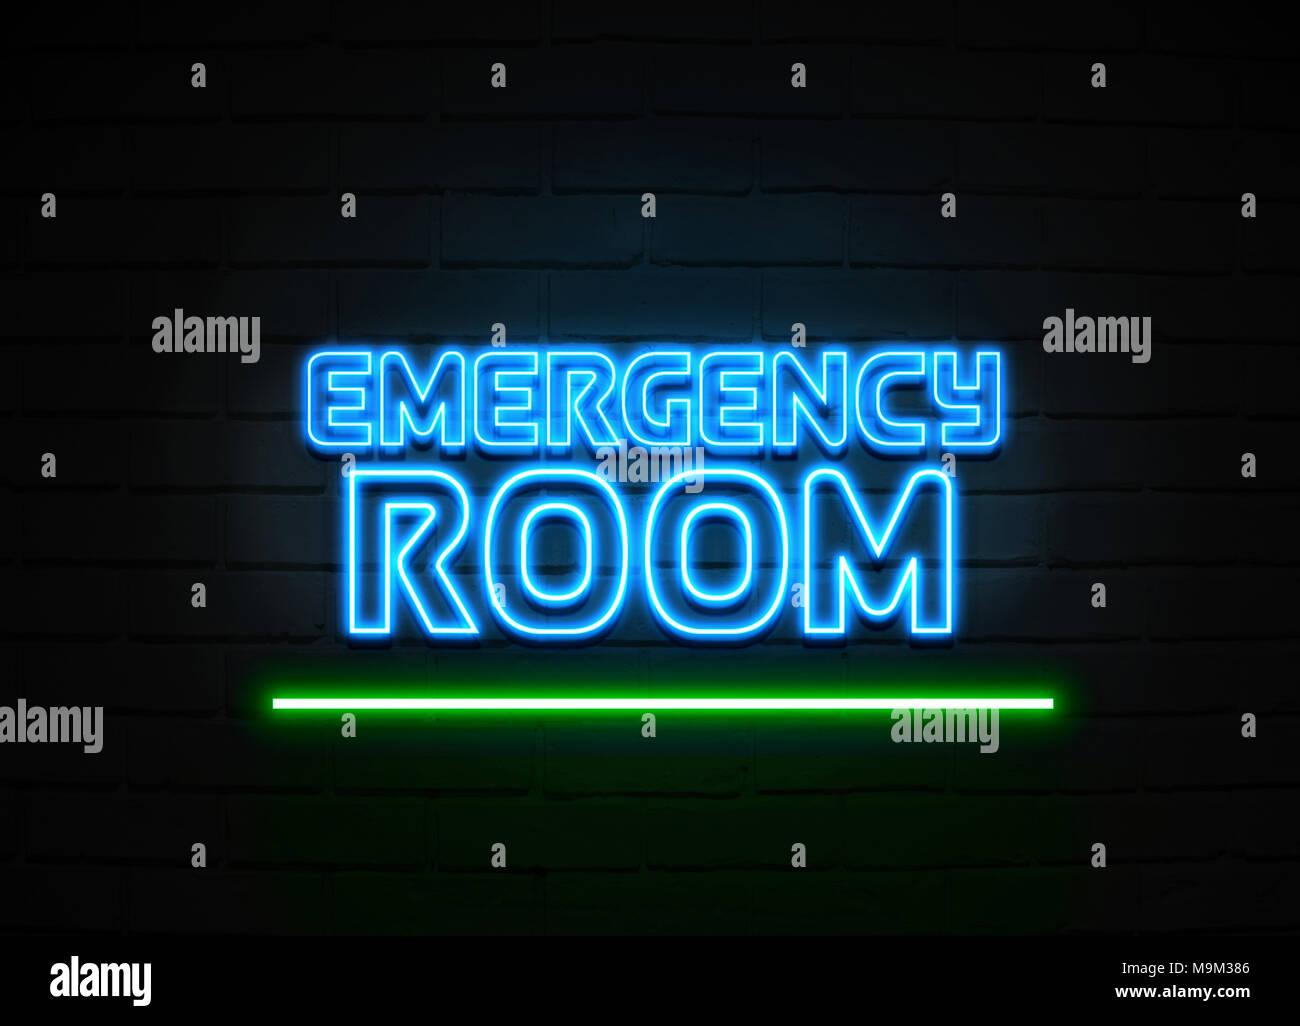 La salle d'urgence en néon - Glowing Neon Sign sur mur brickwall - rendu 3D illustration libres de droits. Banque D'Images